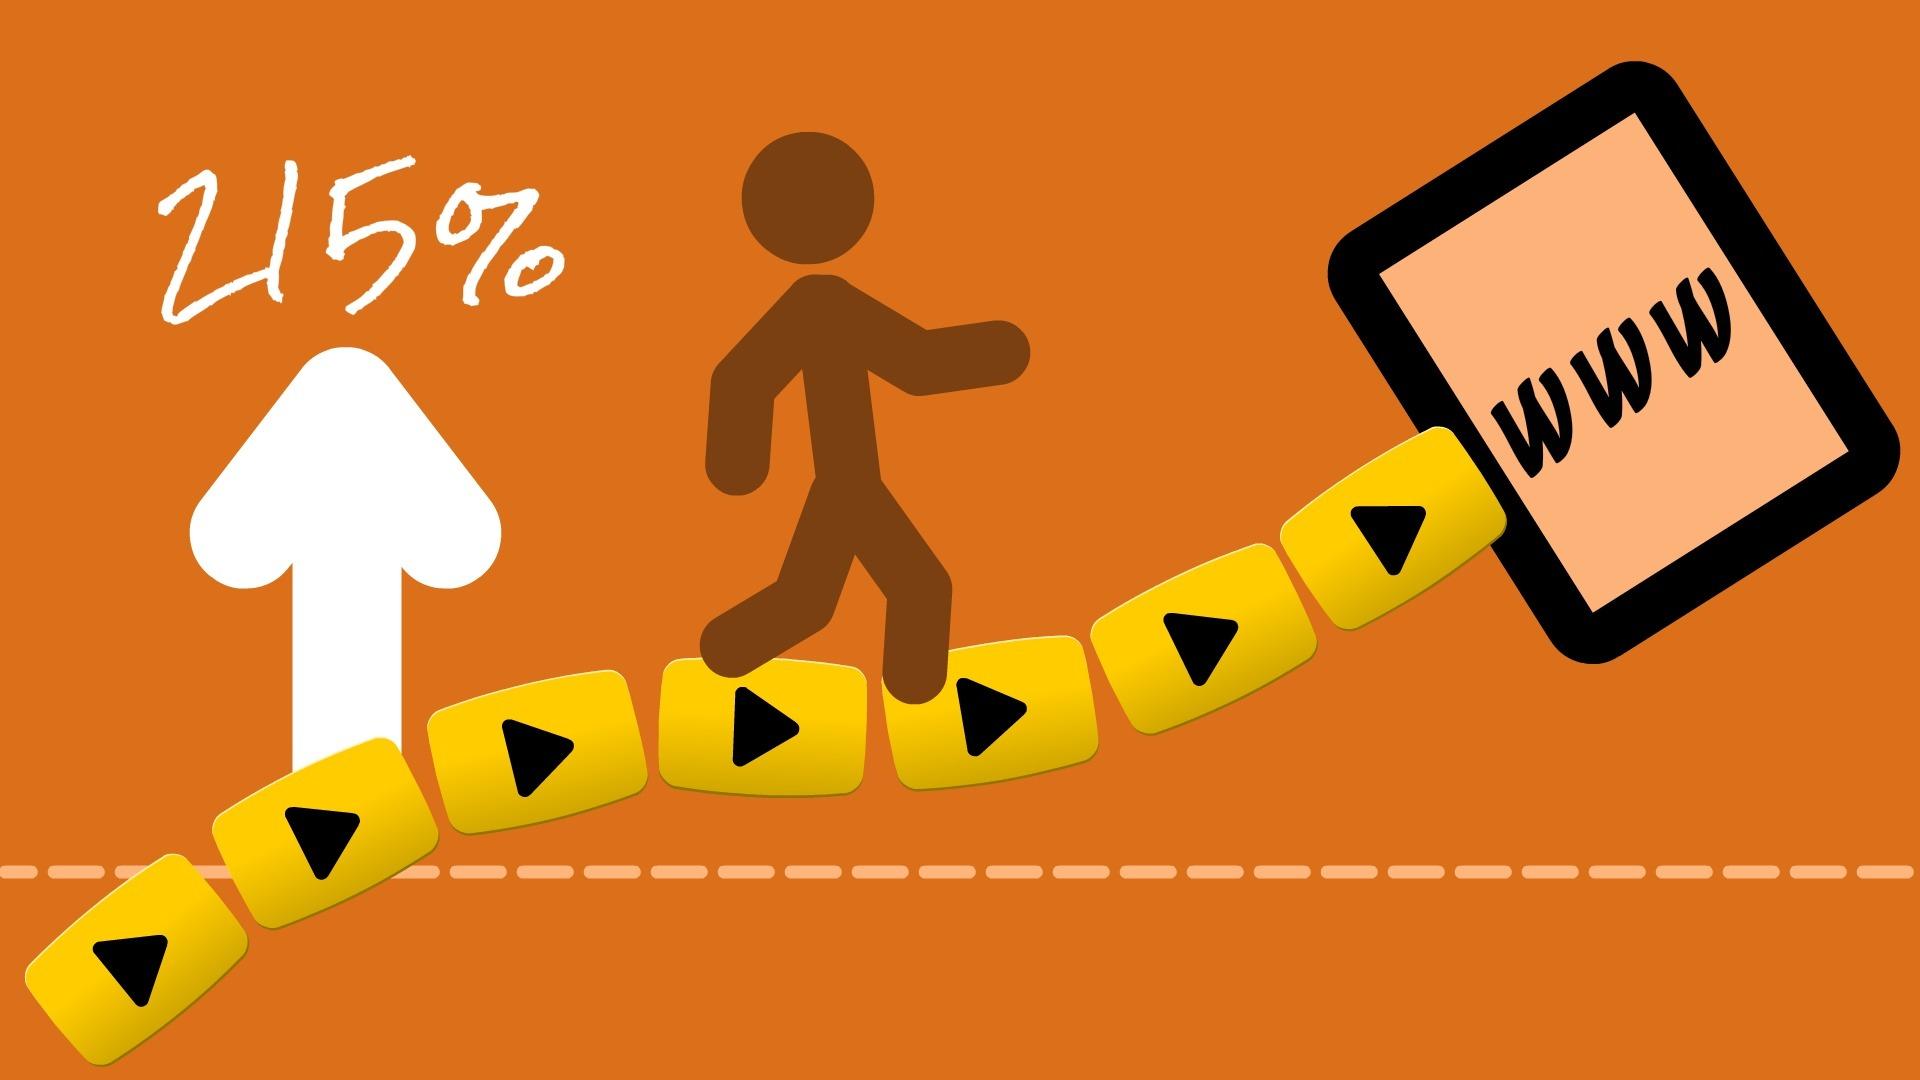 Como aumentar em 215% as visitas do seu site com vídeos explicativos animados